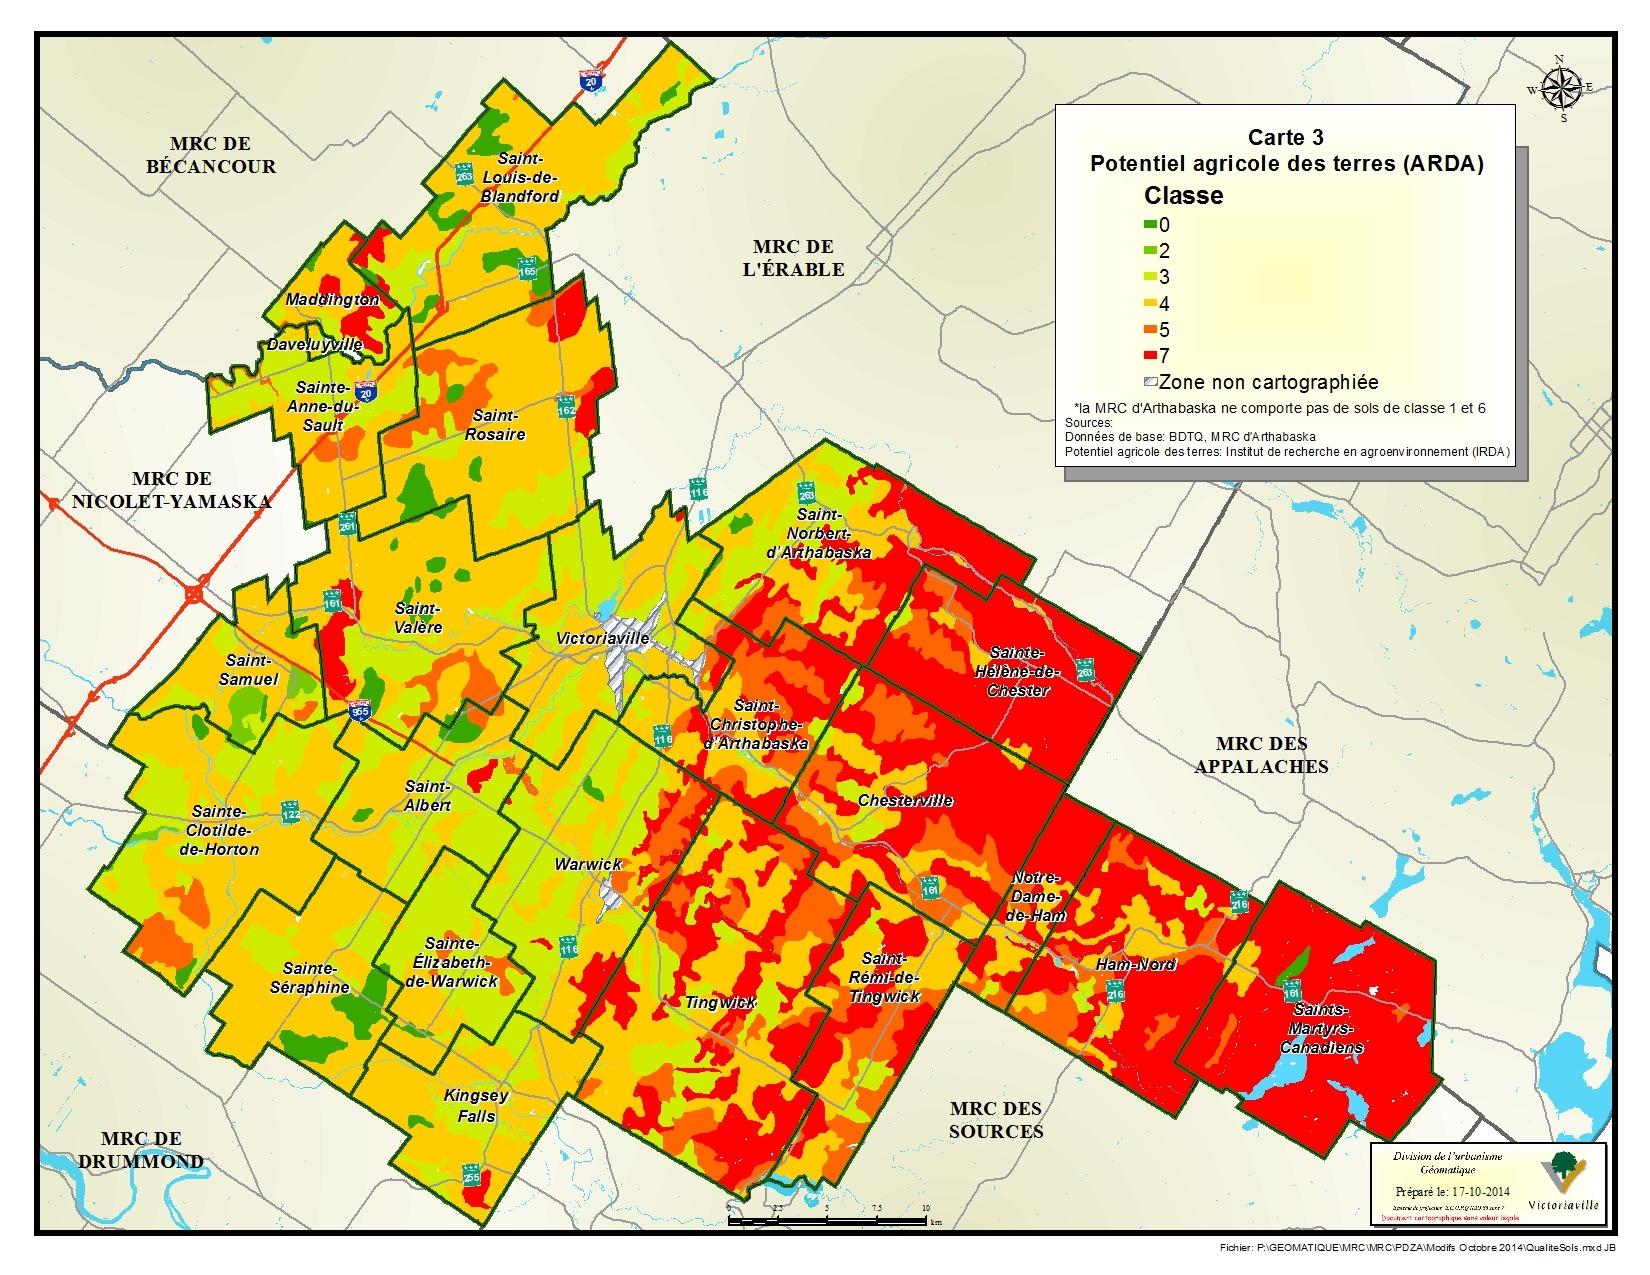 Carte 3 de 23 - Potentiel agricole des terres (ARDA)